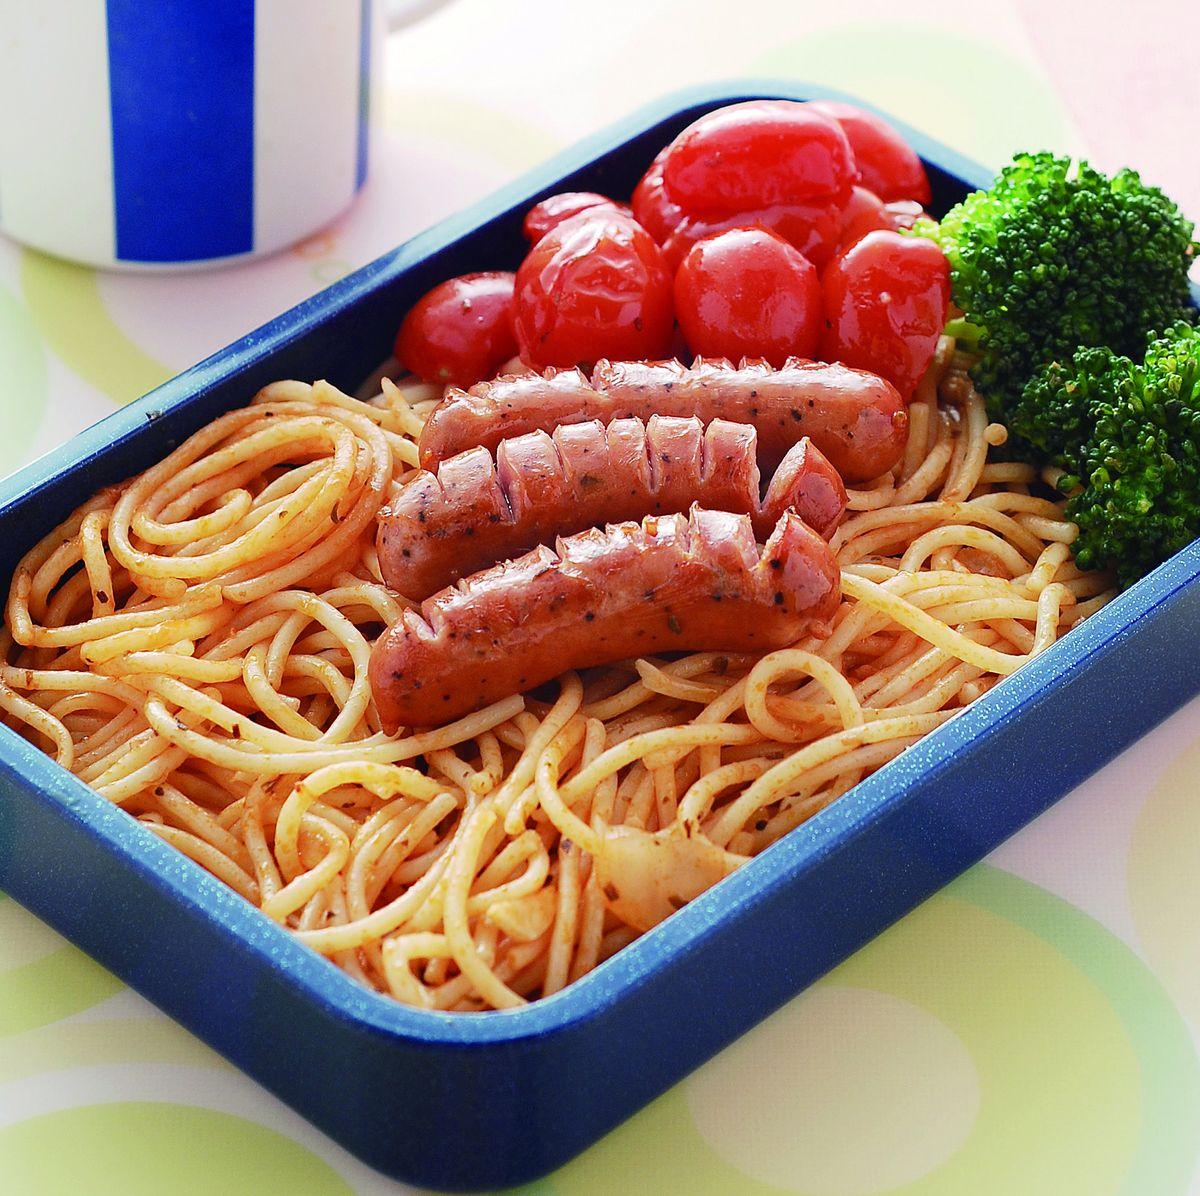 食譜:德式香腸蕃茄義大利麵